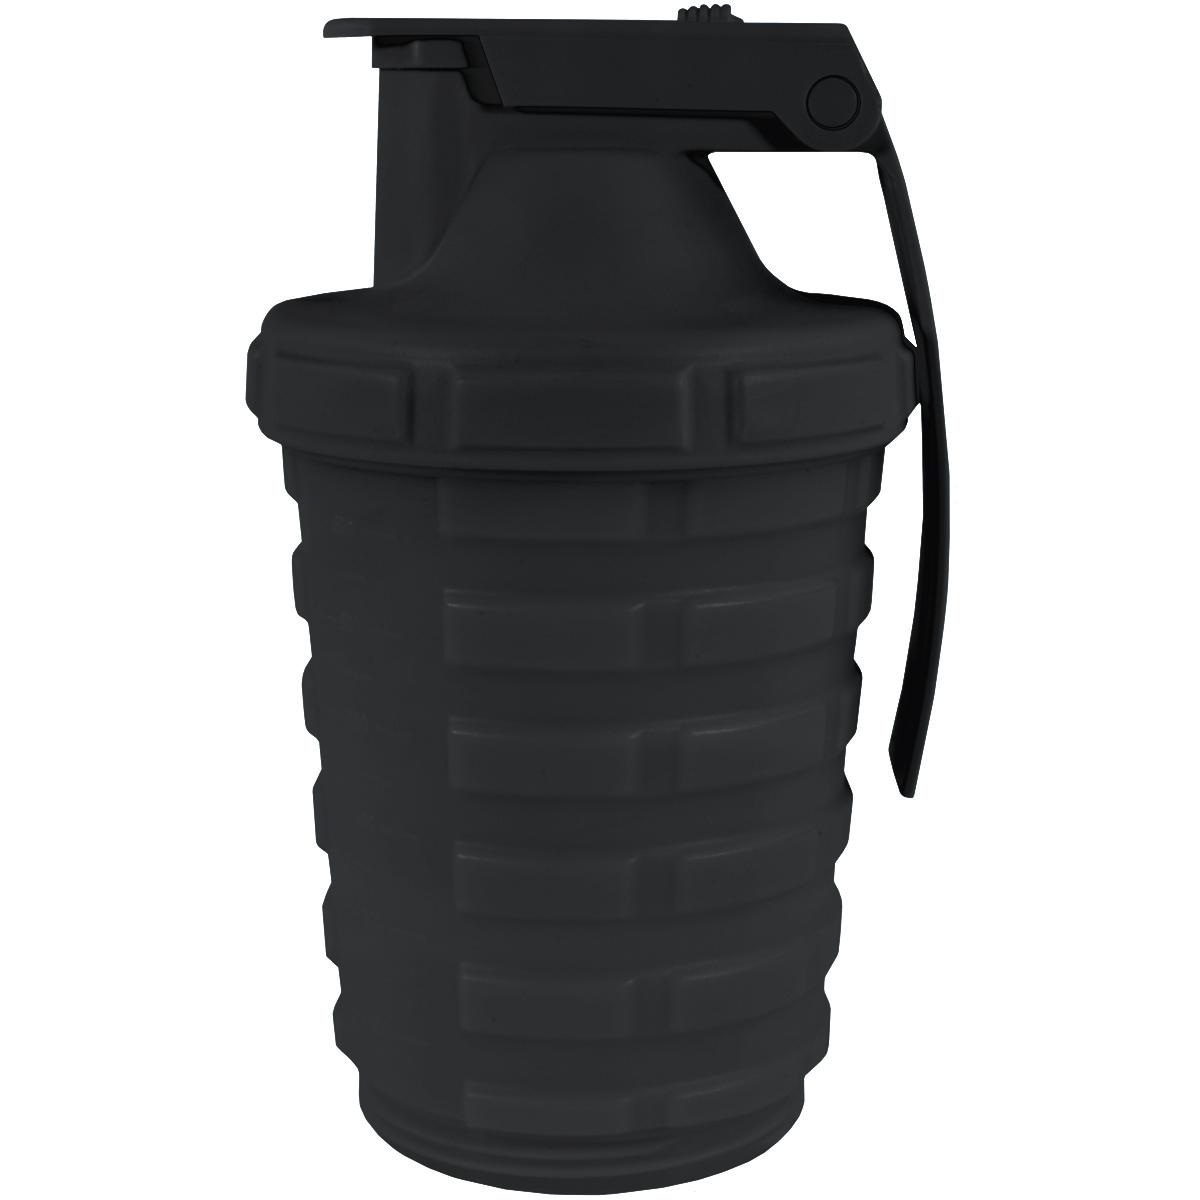 Protein Shaker Net: Grenade 20 Oz. Shaker Blender Mixer Bottle With 600ml